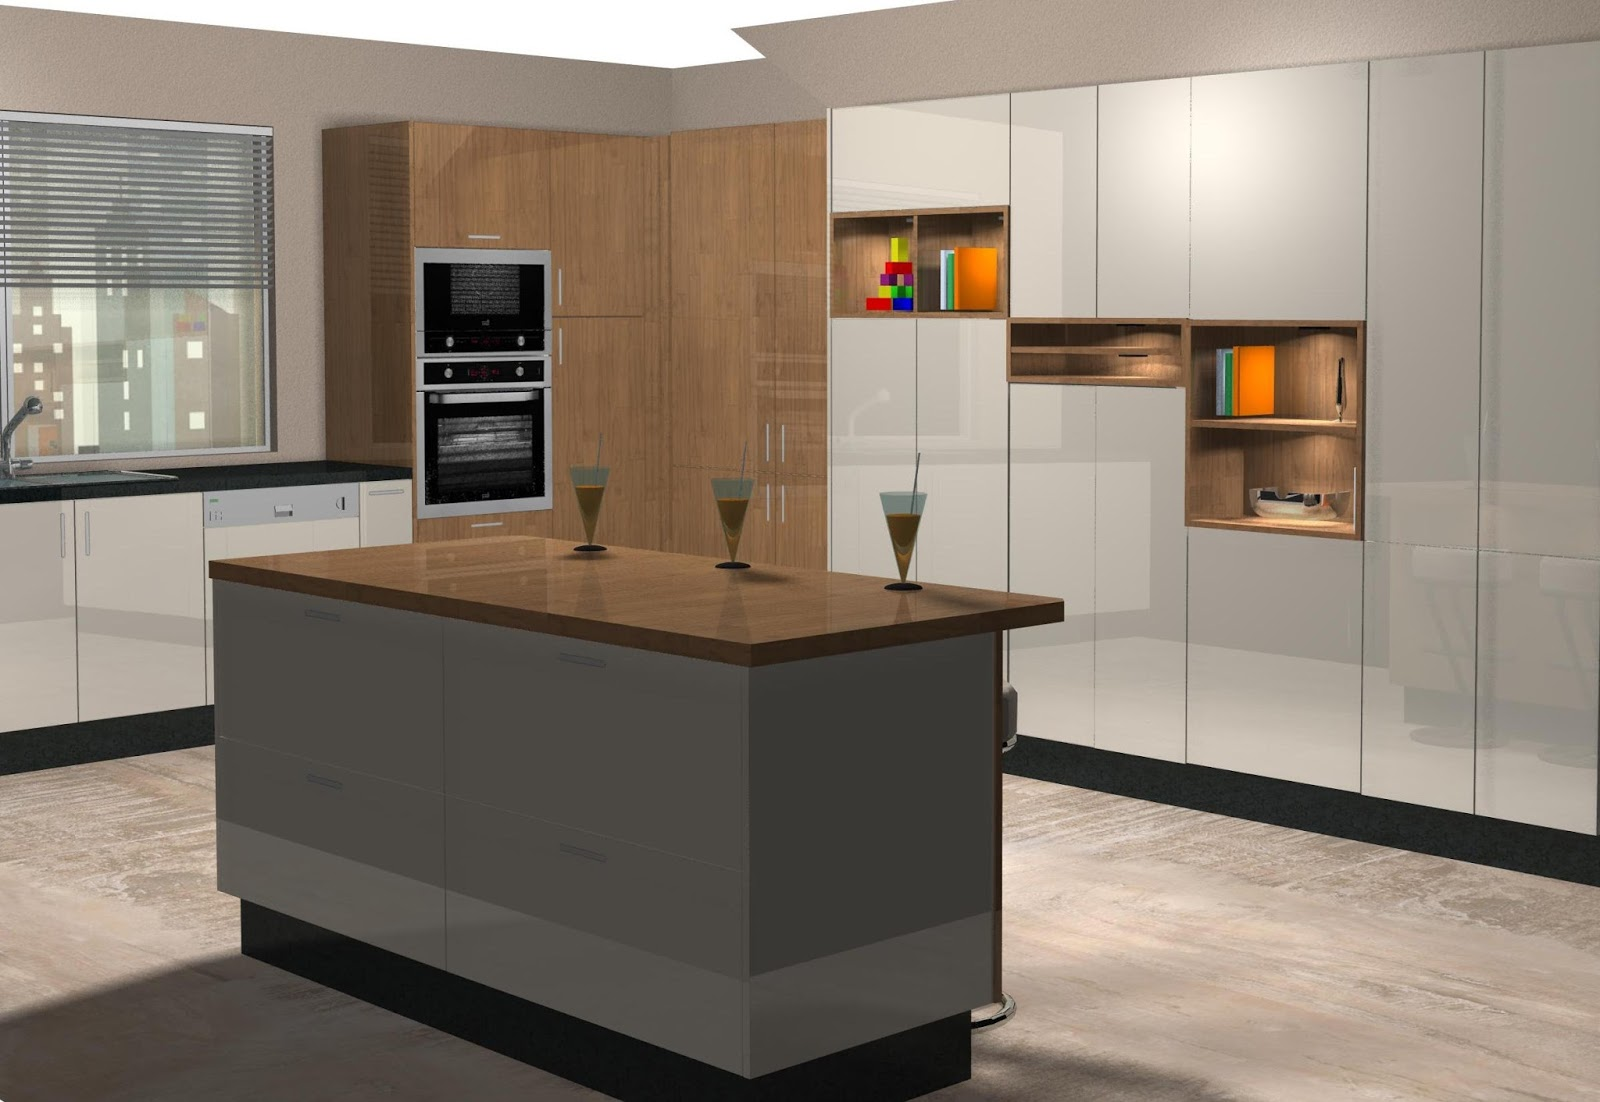 Diseño muebles de cocina: Diseño de cocina laminado en crema y madera